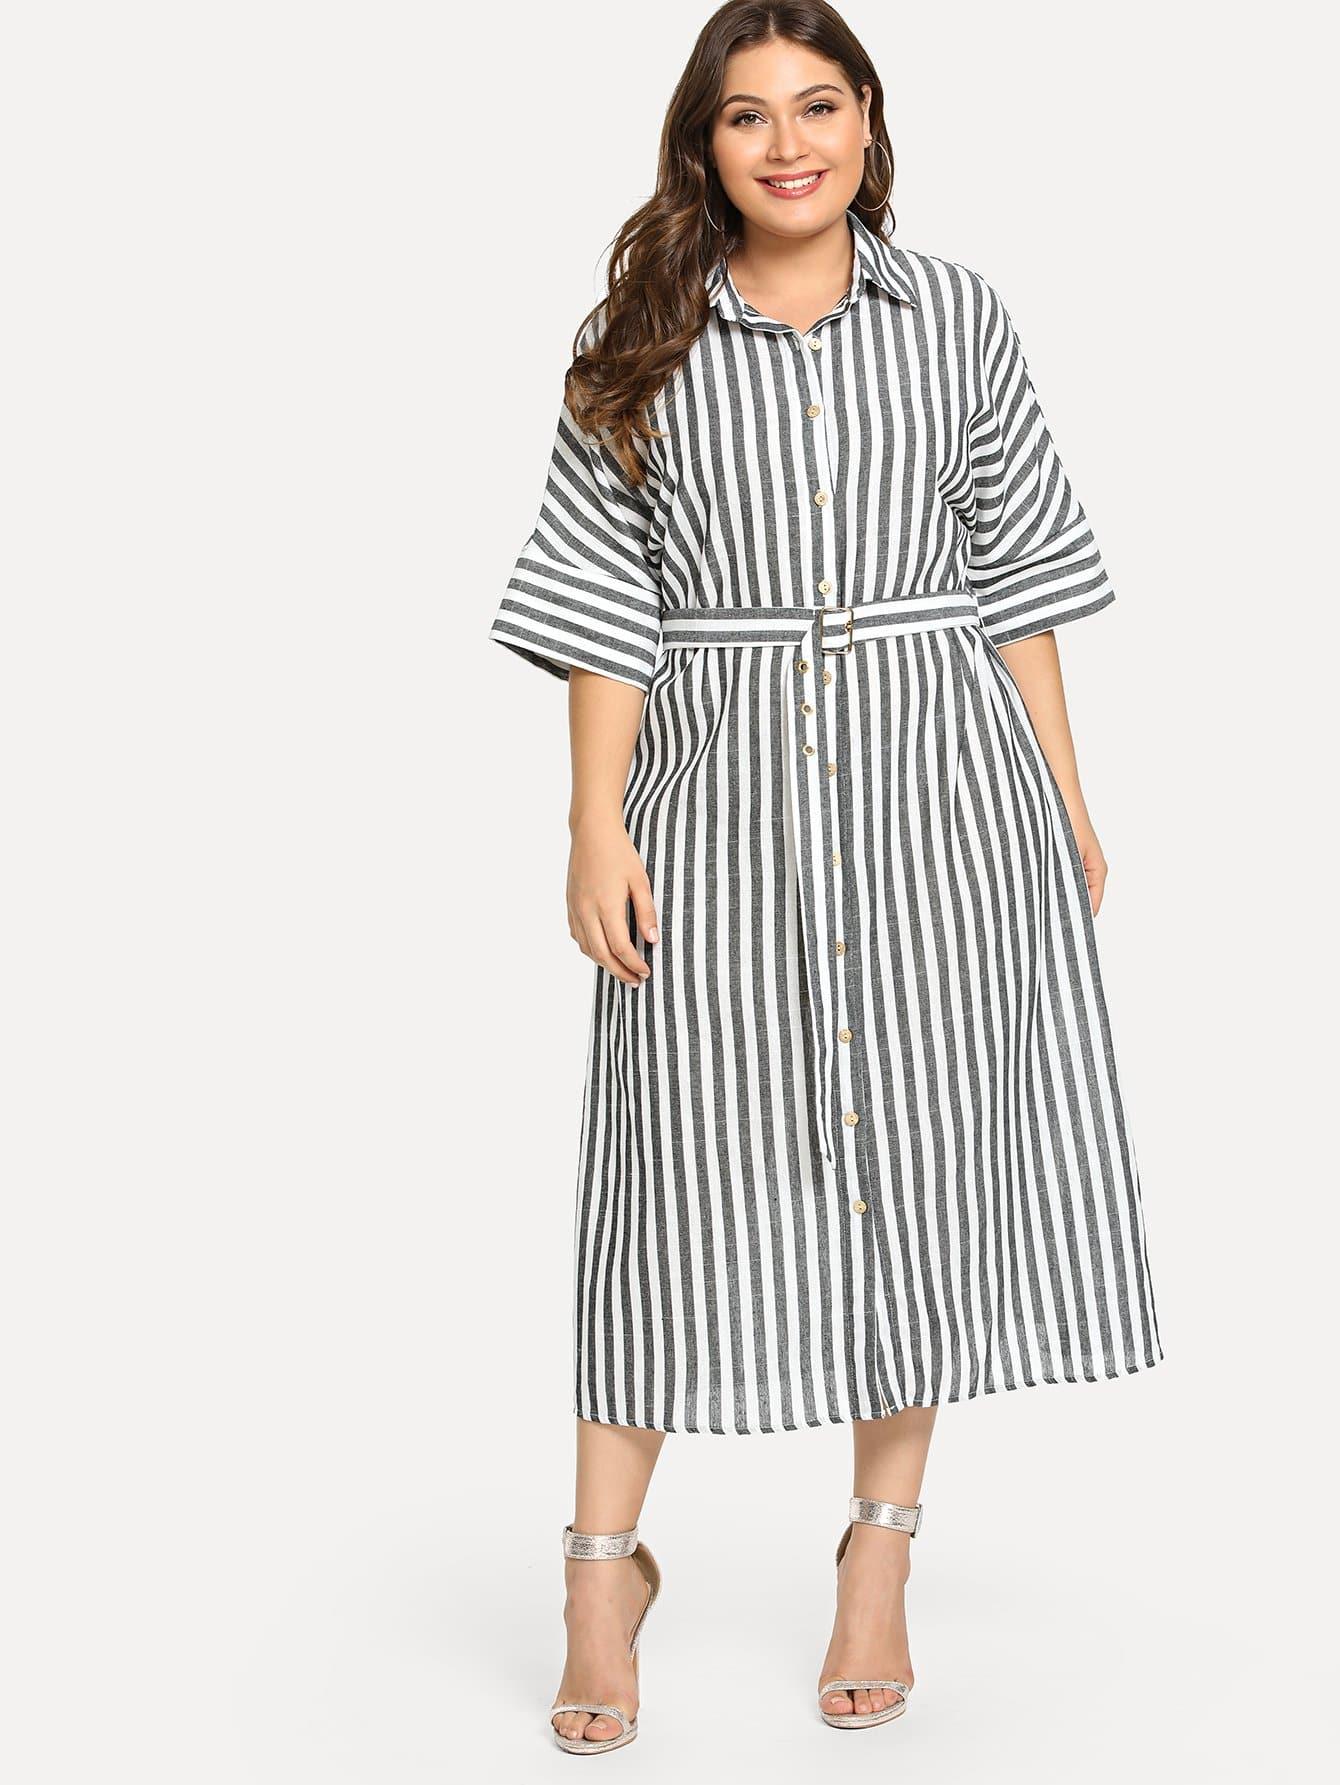 Купить Платье рубашки полосатого рукава Batwing, Franziska, SheIn